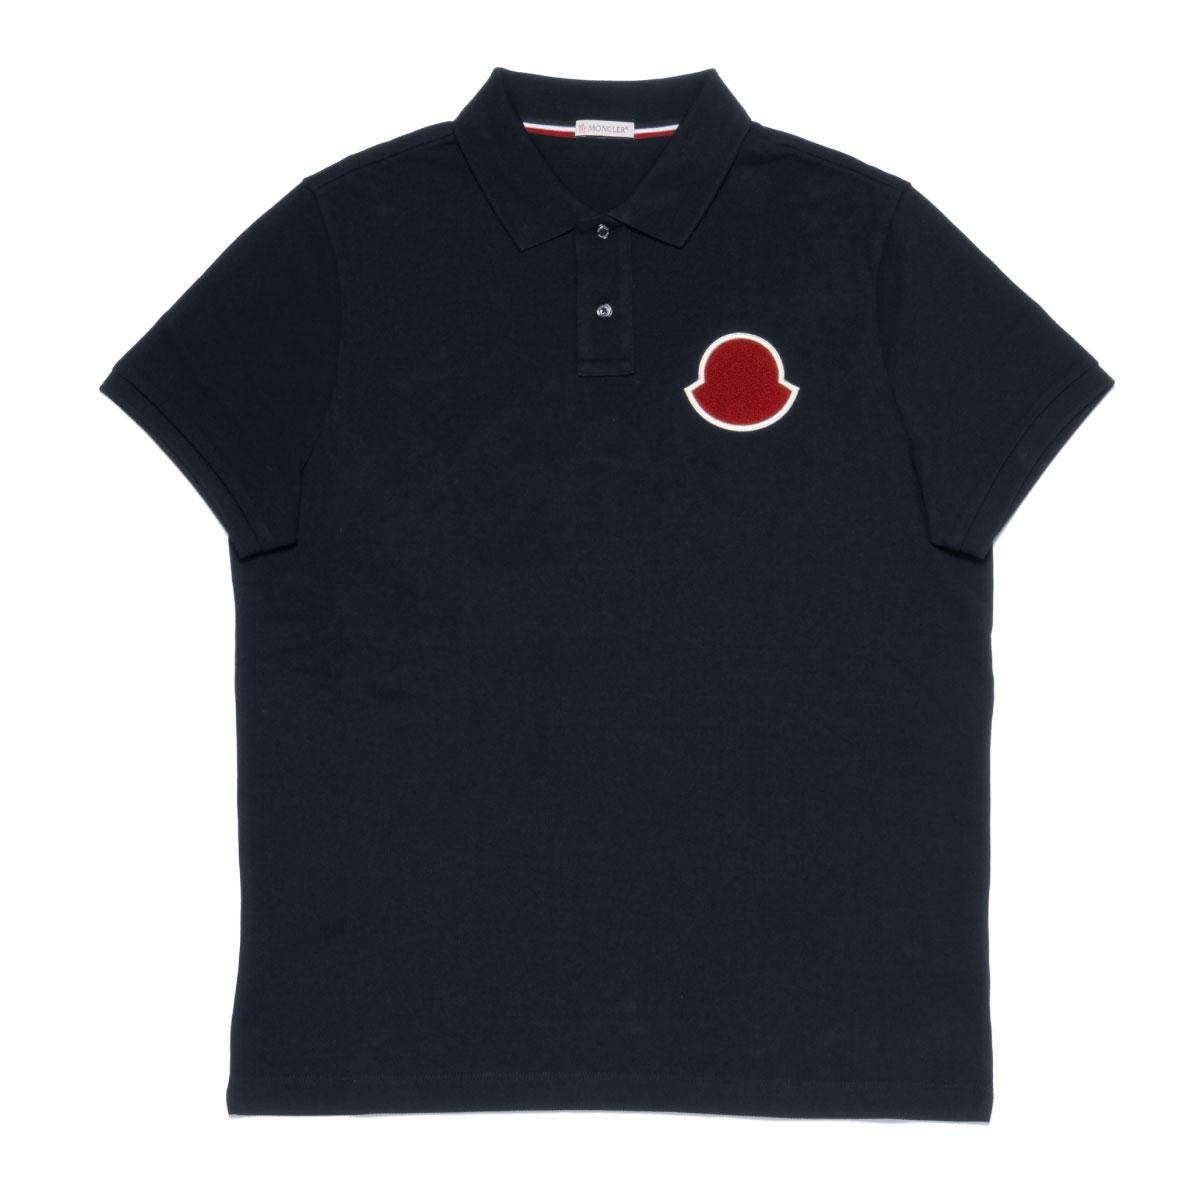 モンクレール MONCLER ポロシャツ メンズ 8322000 84556 773 半袖ポロシャツ NAVY ダークブルー